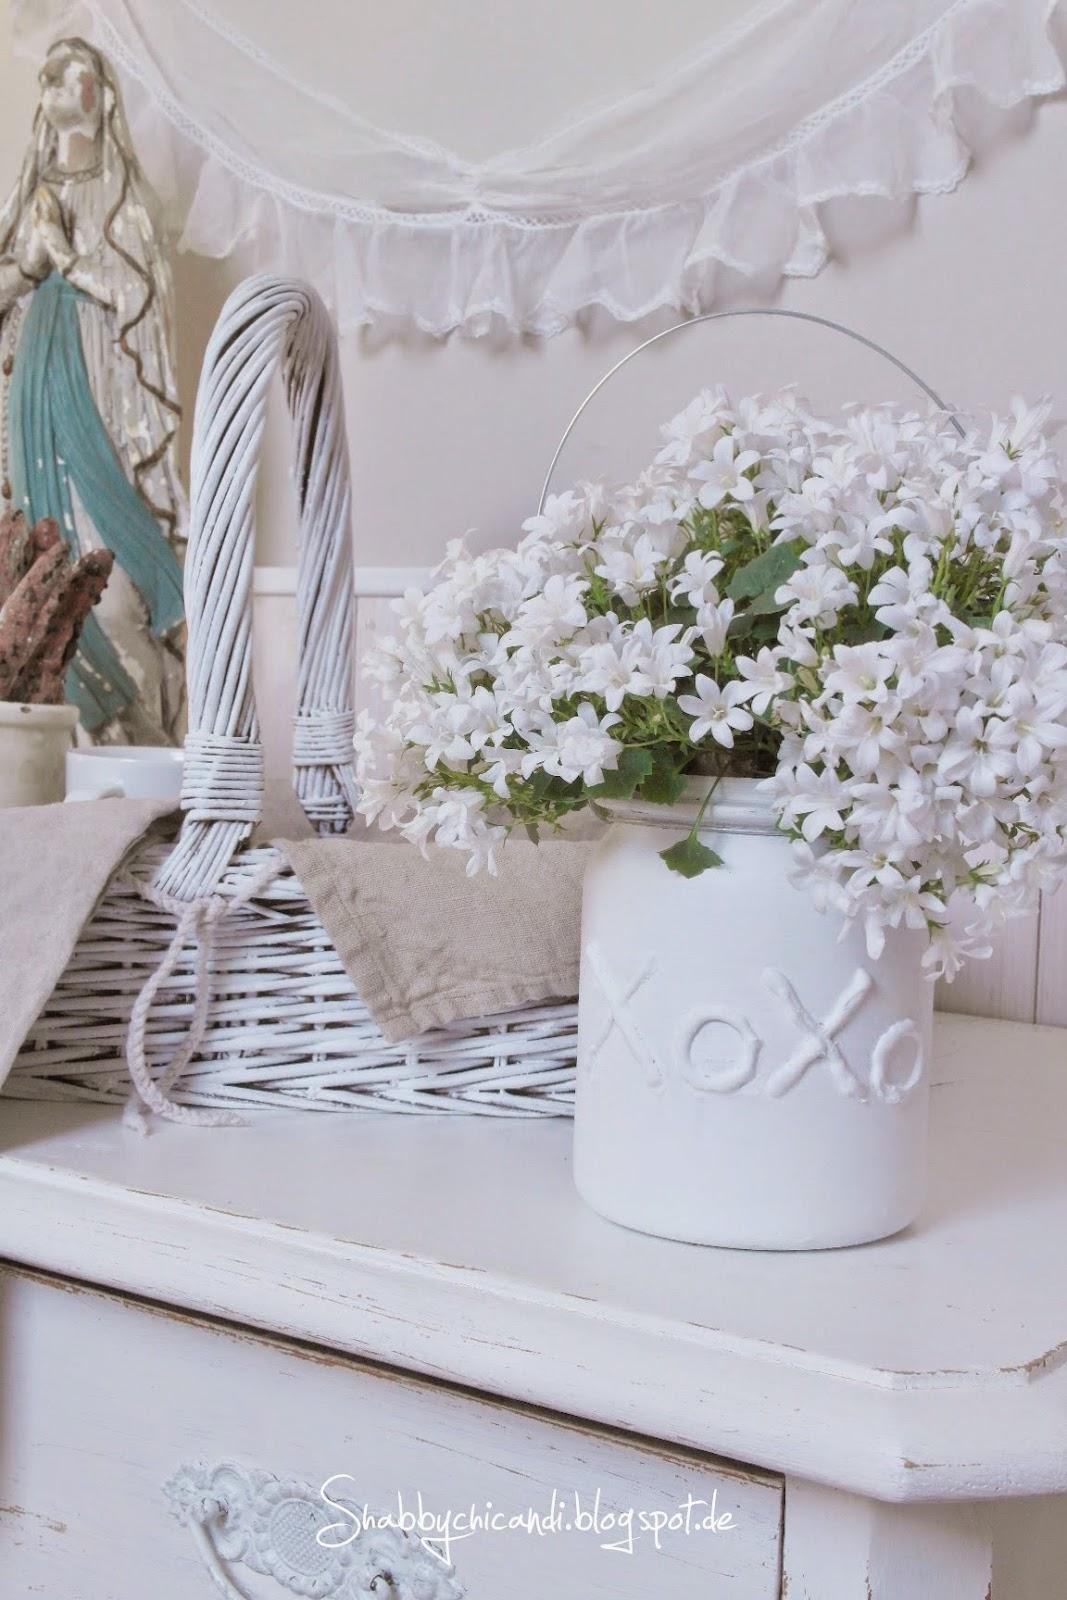 DIY Mit Heißkleber schöne Gläßer gestalten